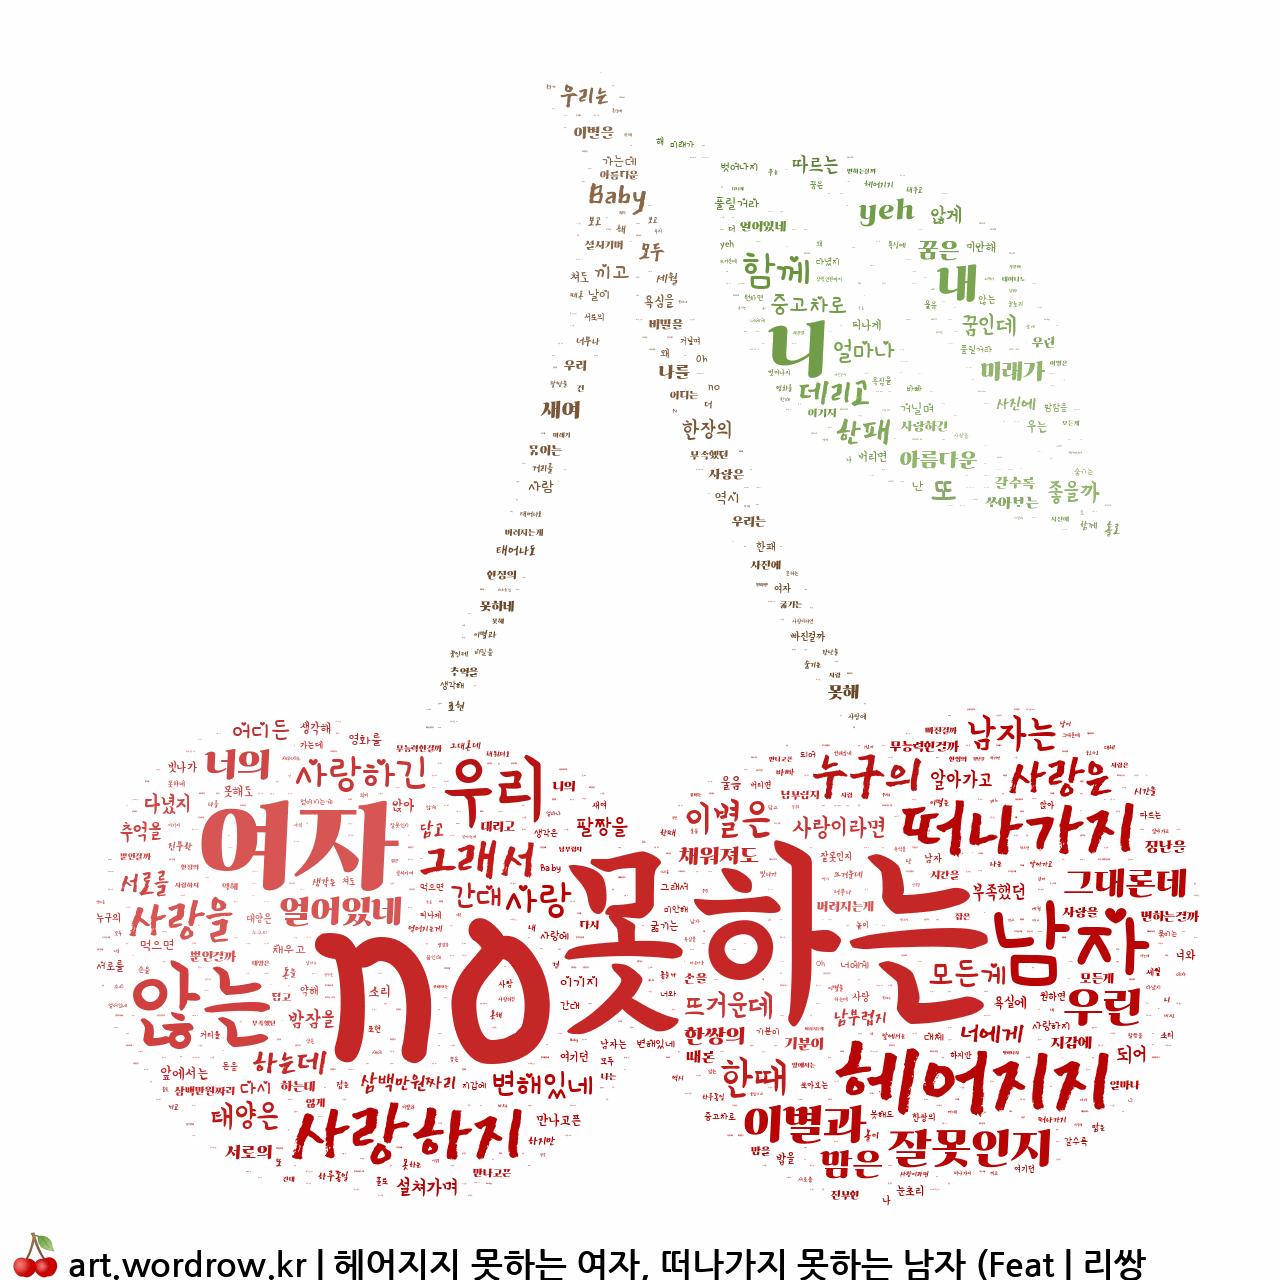 워드 아트: 헤어지지 못하는 여자, 떠나가지 못하는 남자 (Feat. 정인) [리쌍]-27